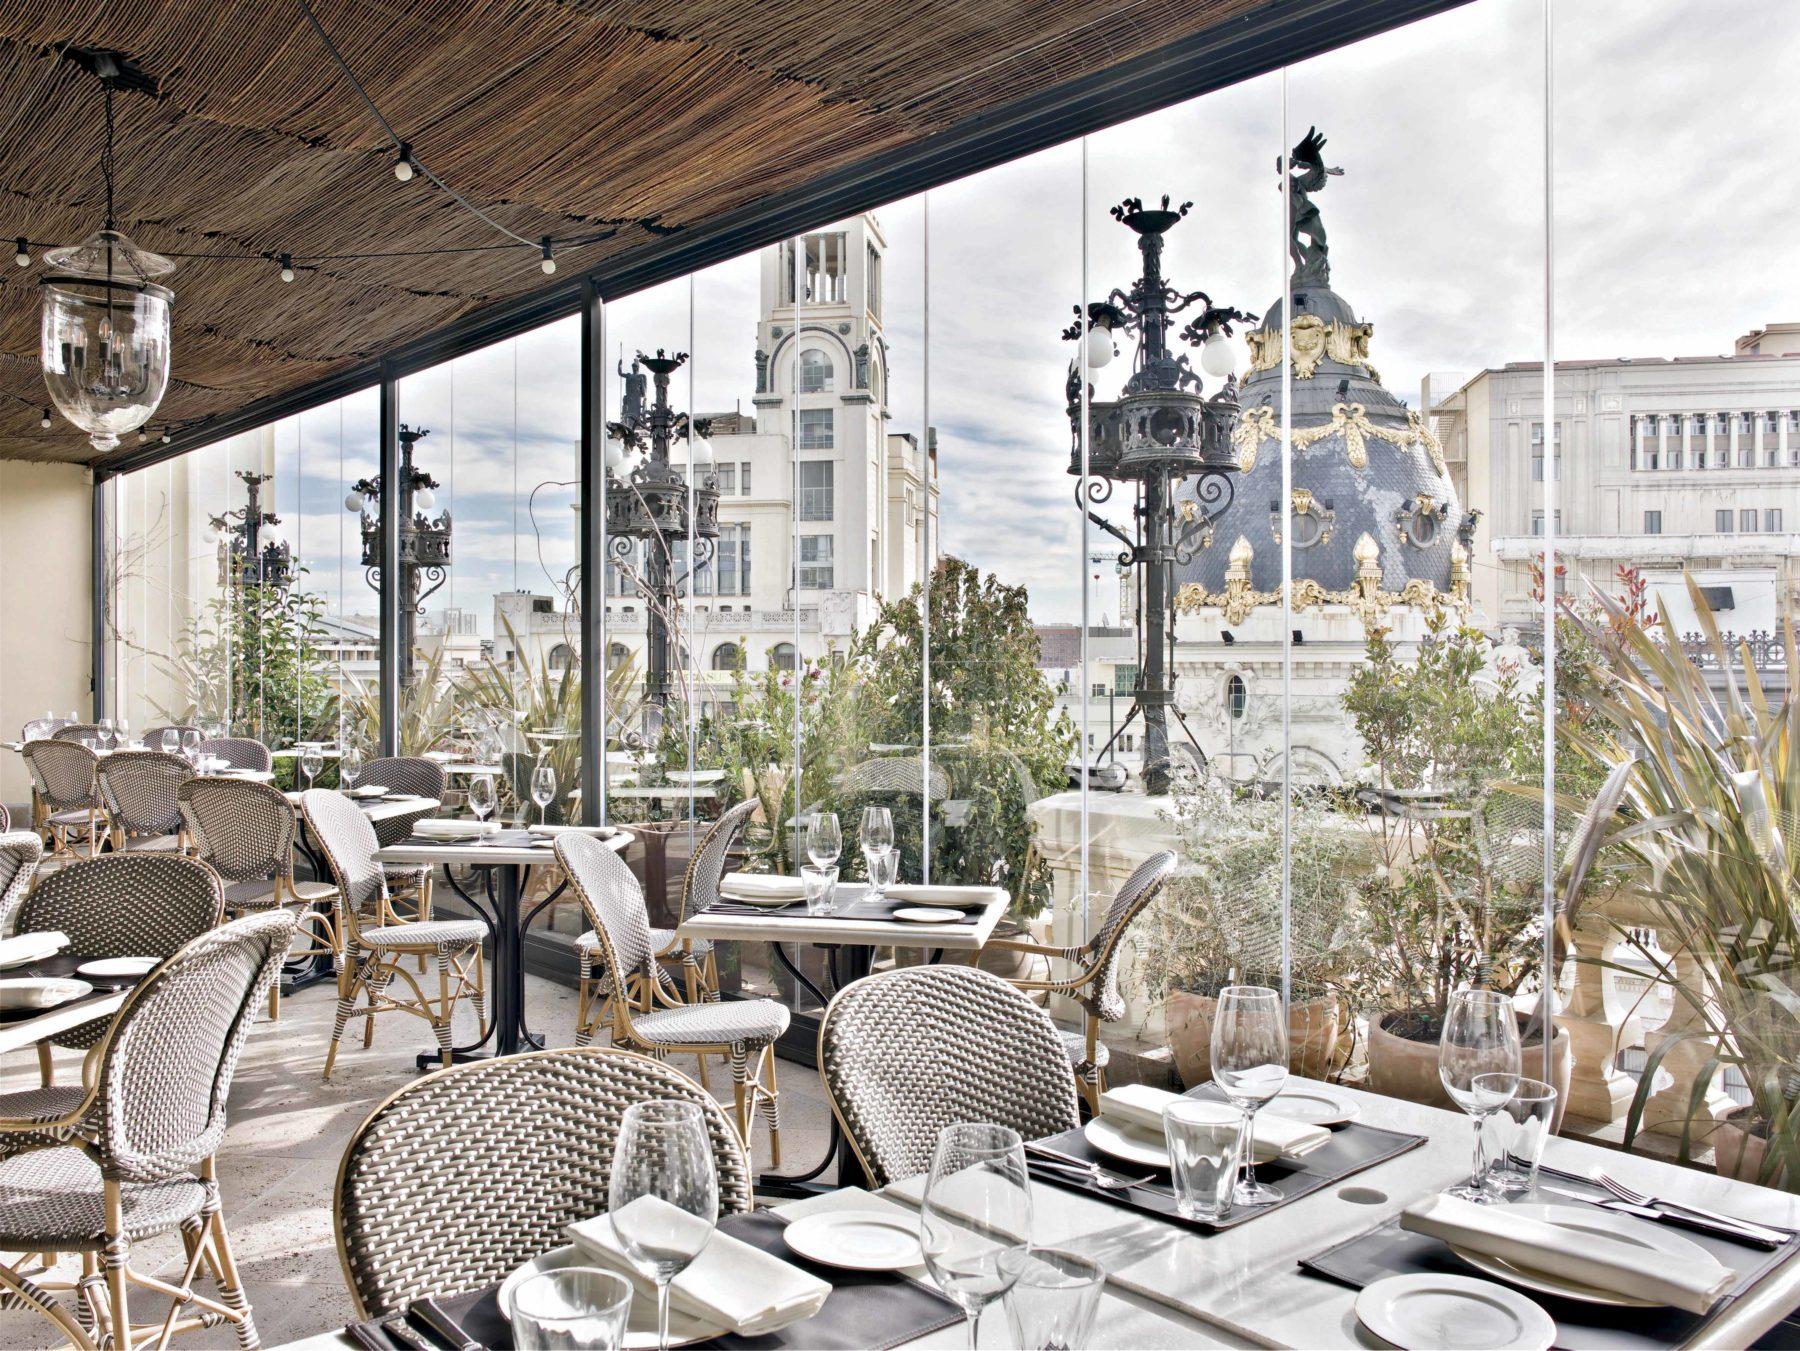 The Principal Madrid Hotel, España: un clásico del siglo XXI